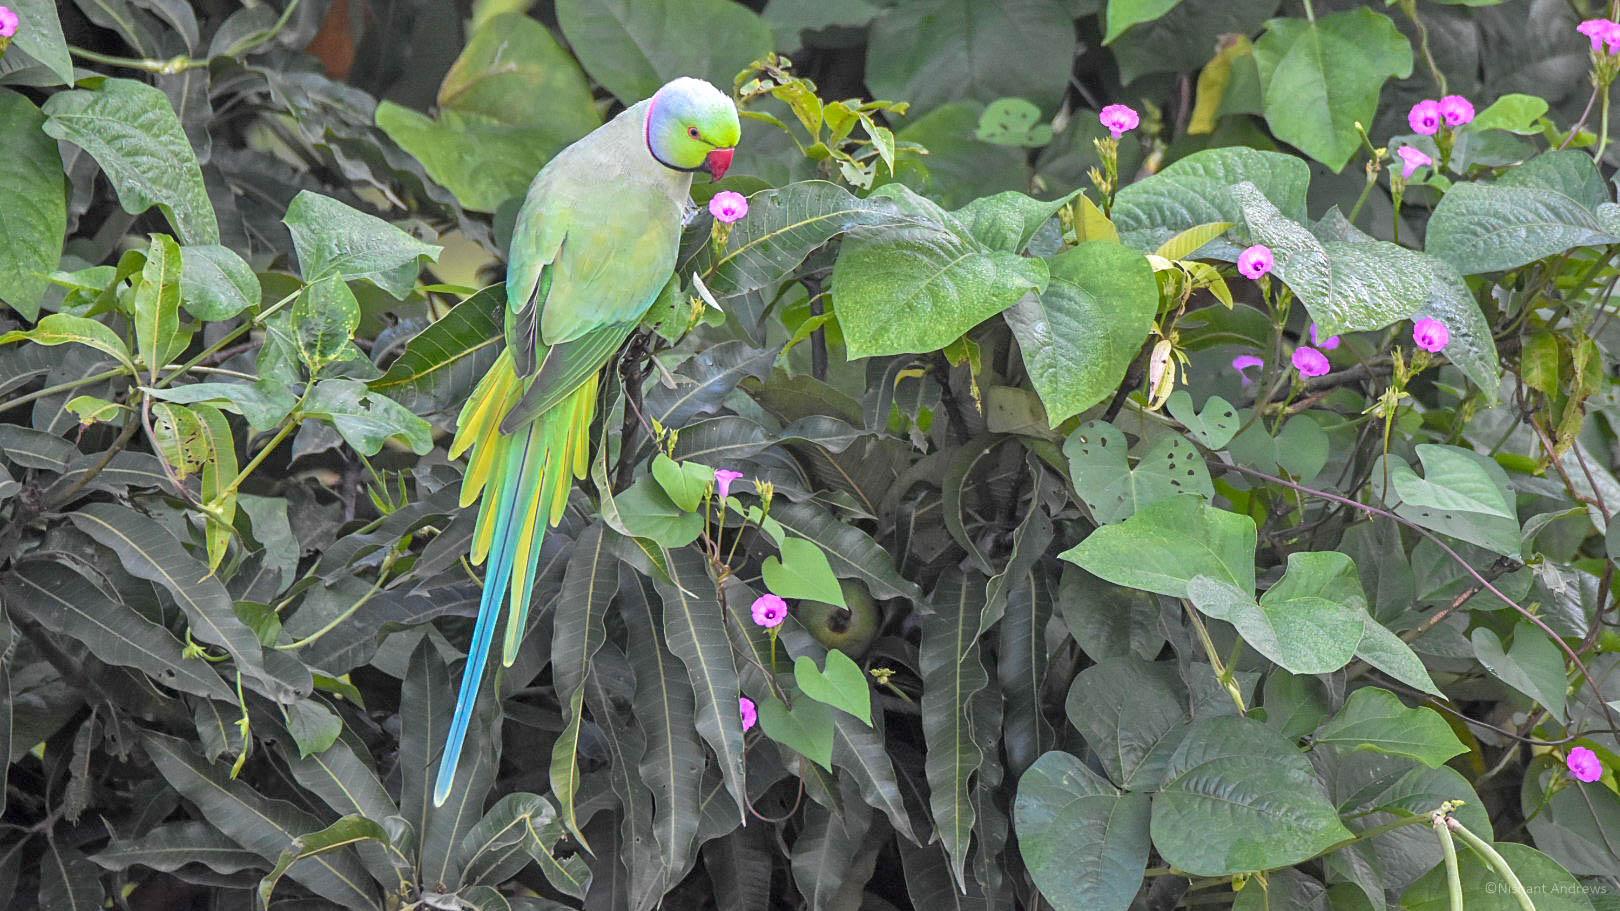 Rose ringed parakeet, Dehradun